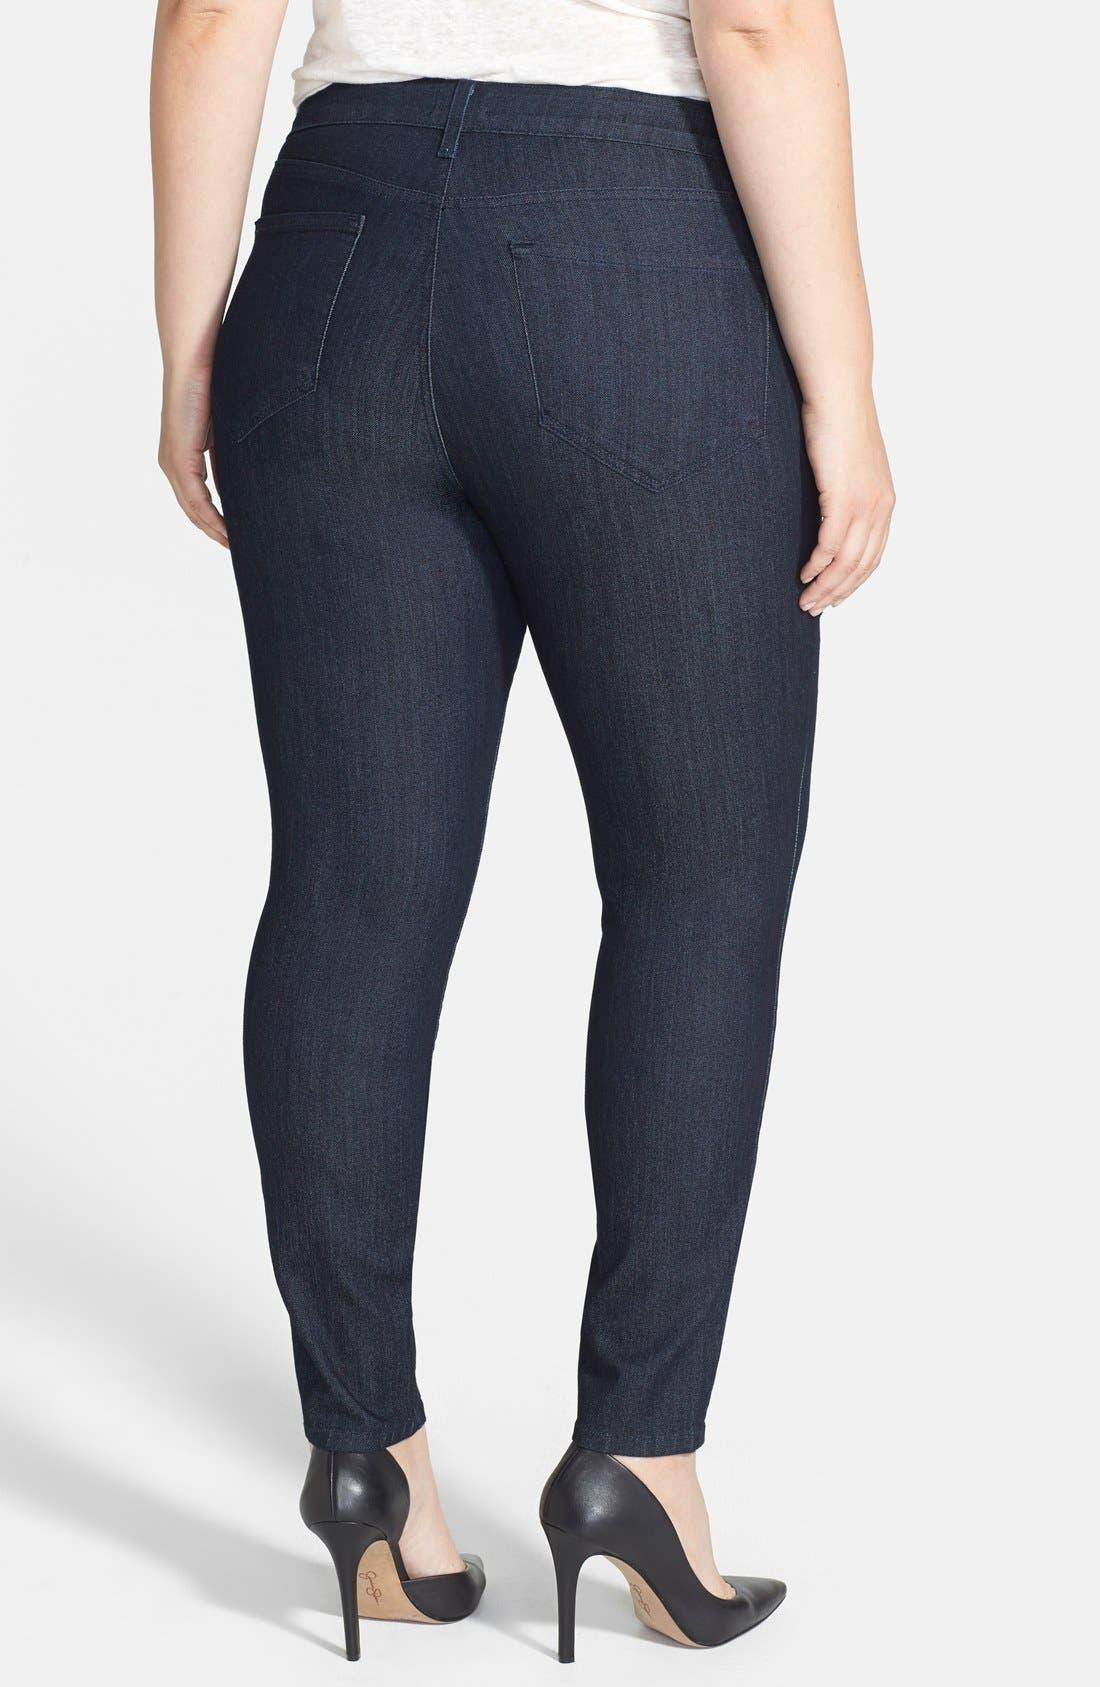 Alternate Image 2  - NYDJ 'Ami' Tonal Stitch Stretch Skinny Jeans (Dark Enzyme) (Plus Size)